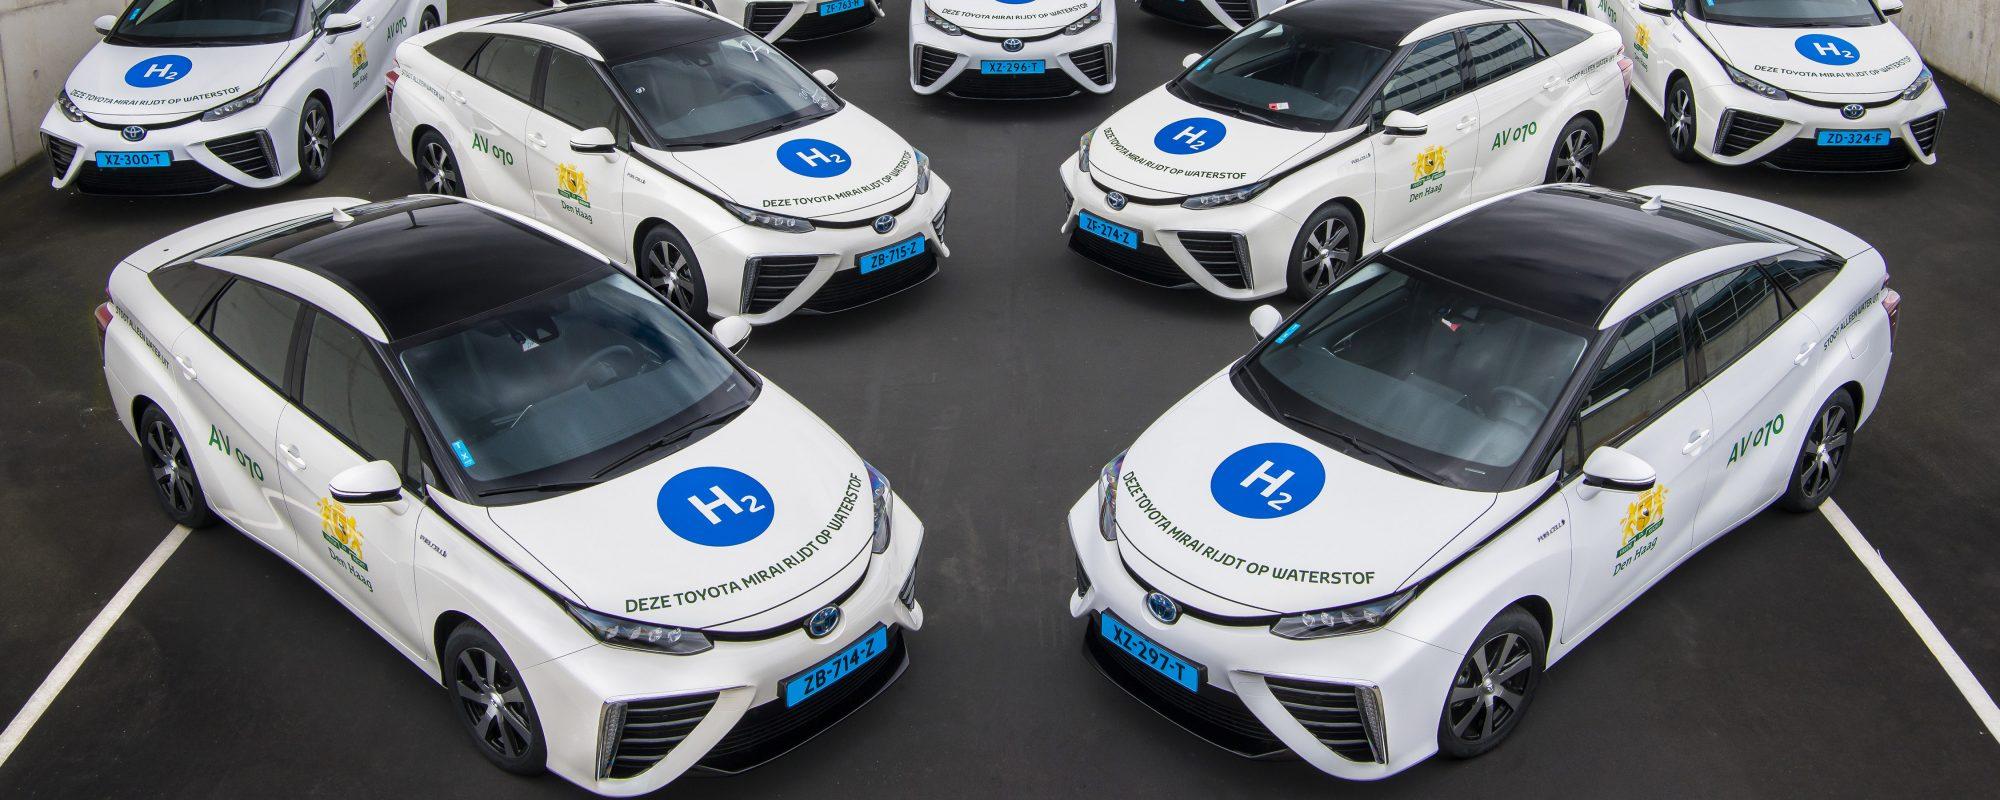 Taxivloot Toyota Mirai bereikt waterstofmijlpaal van 1,5 miljoen kilometers